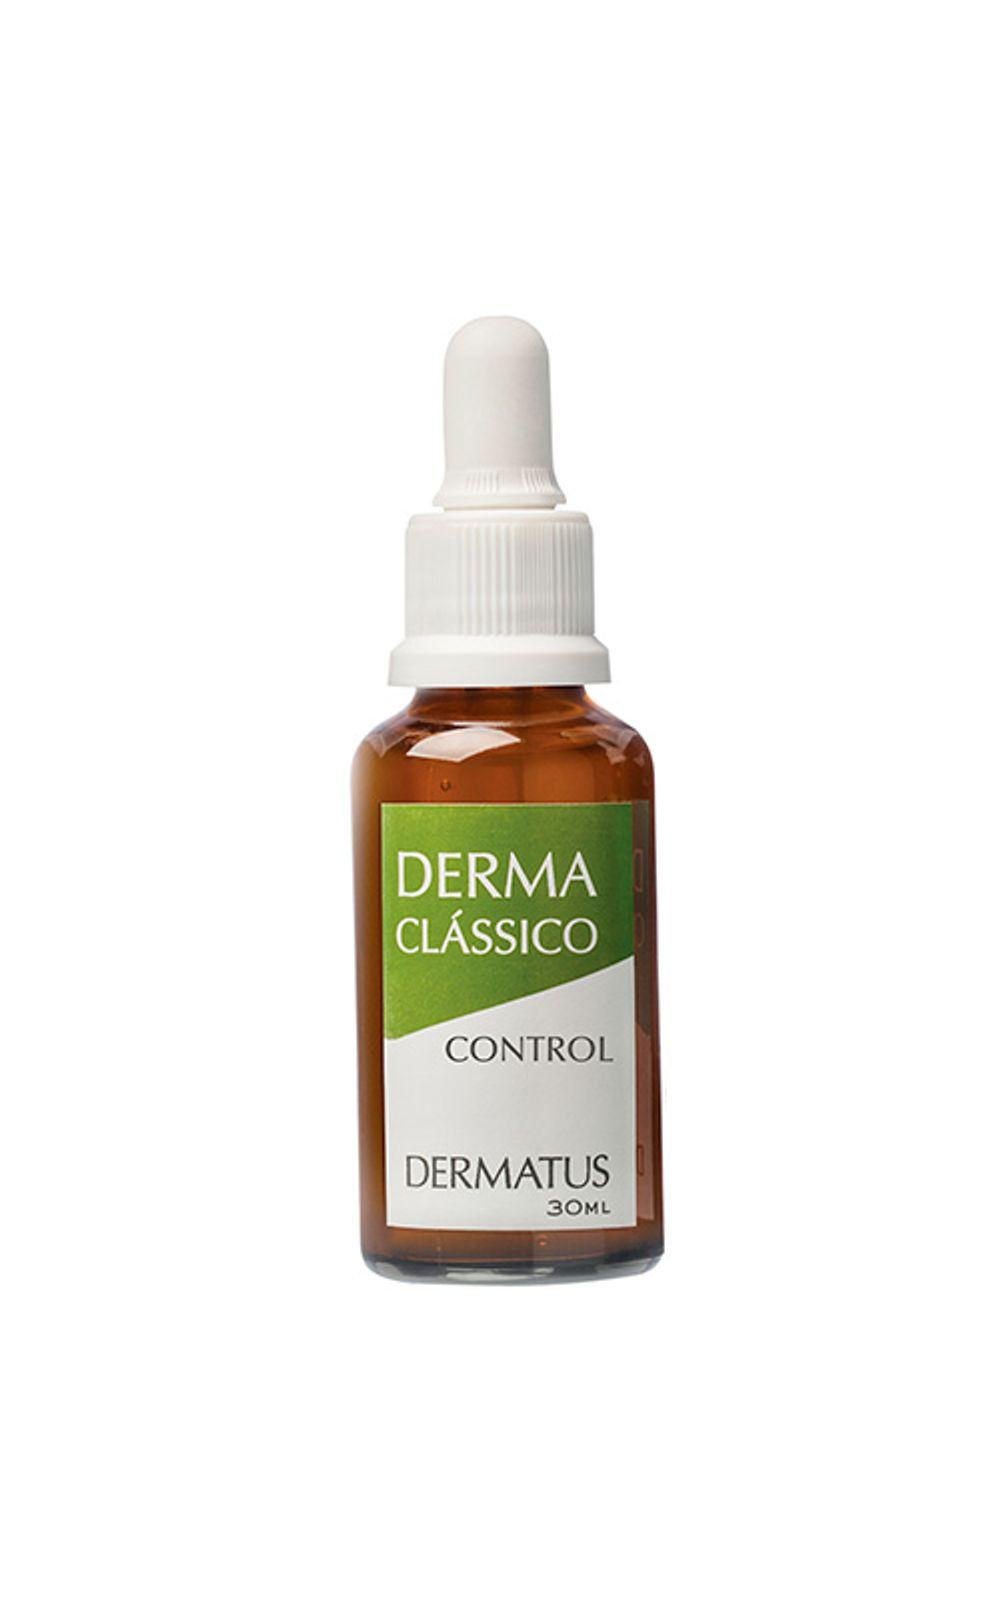 Foto 1 - Derma Clássico Control Dermatus - Rejuvenescedor Facial - 30ml